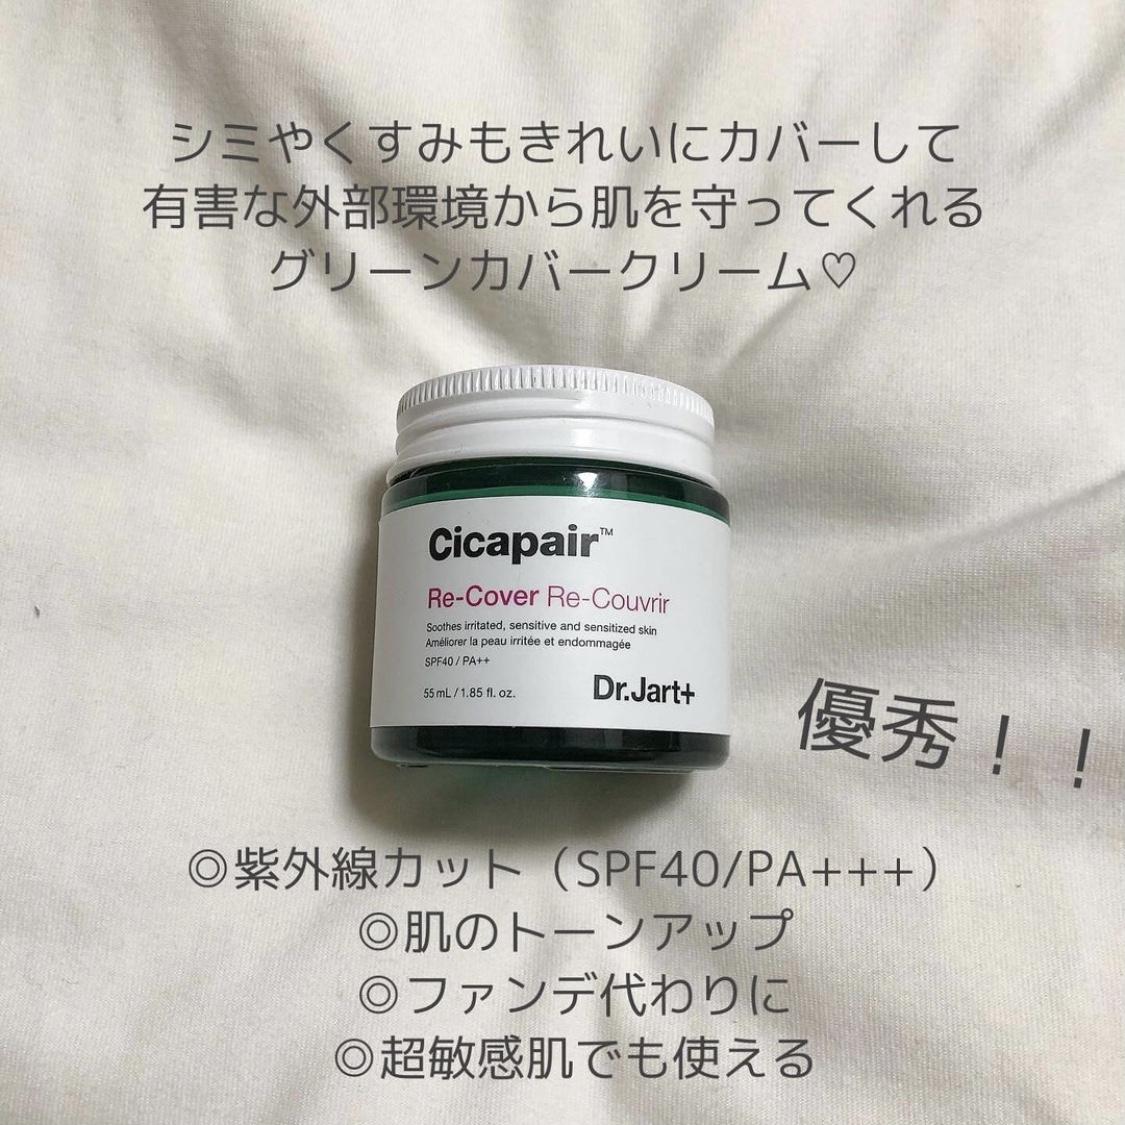 Dr.Jart+(ドクタージャルト) シカペア リカバーを使ったぴこ@韓国コスメさんのクチコミ画像2